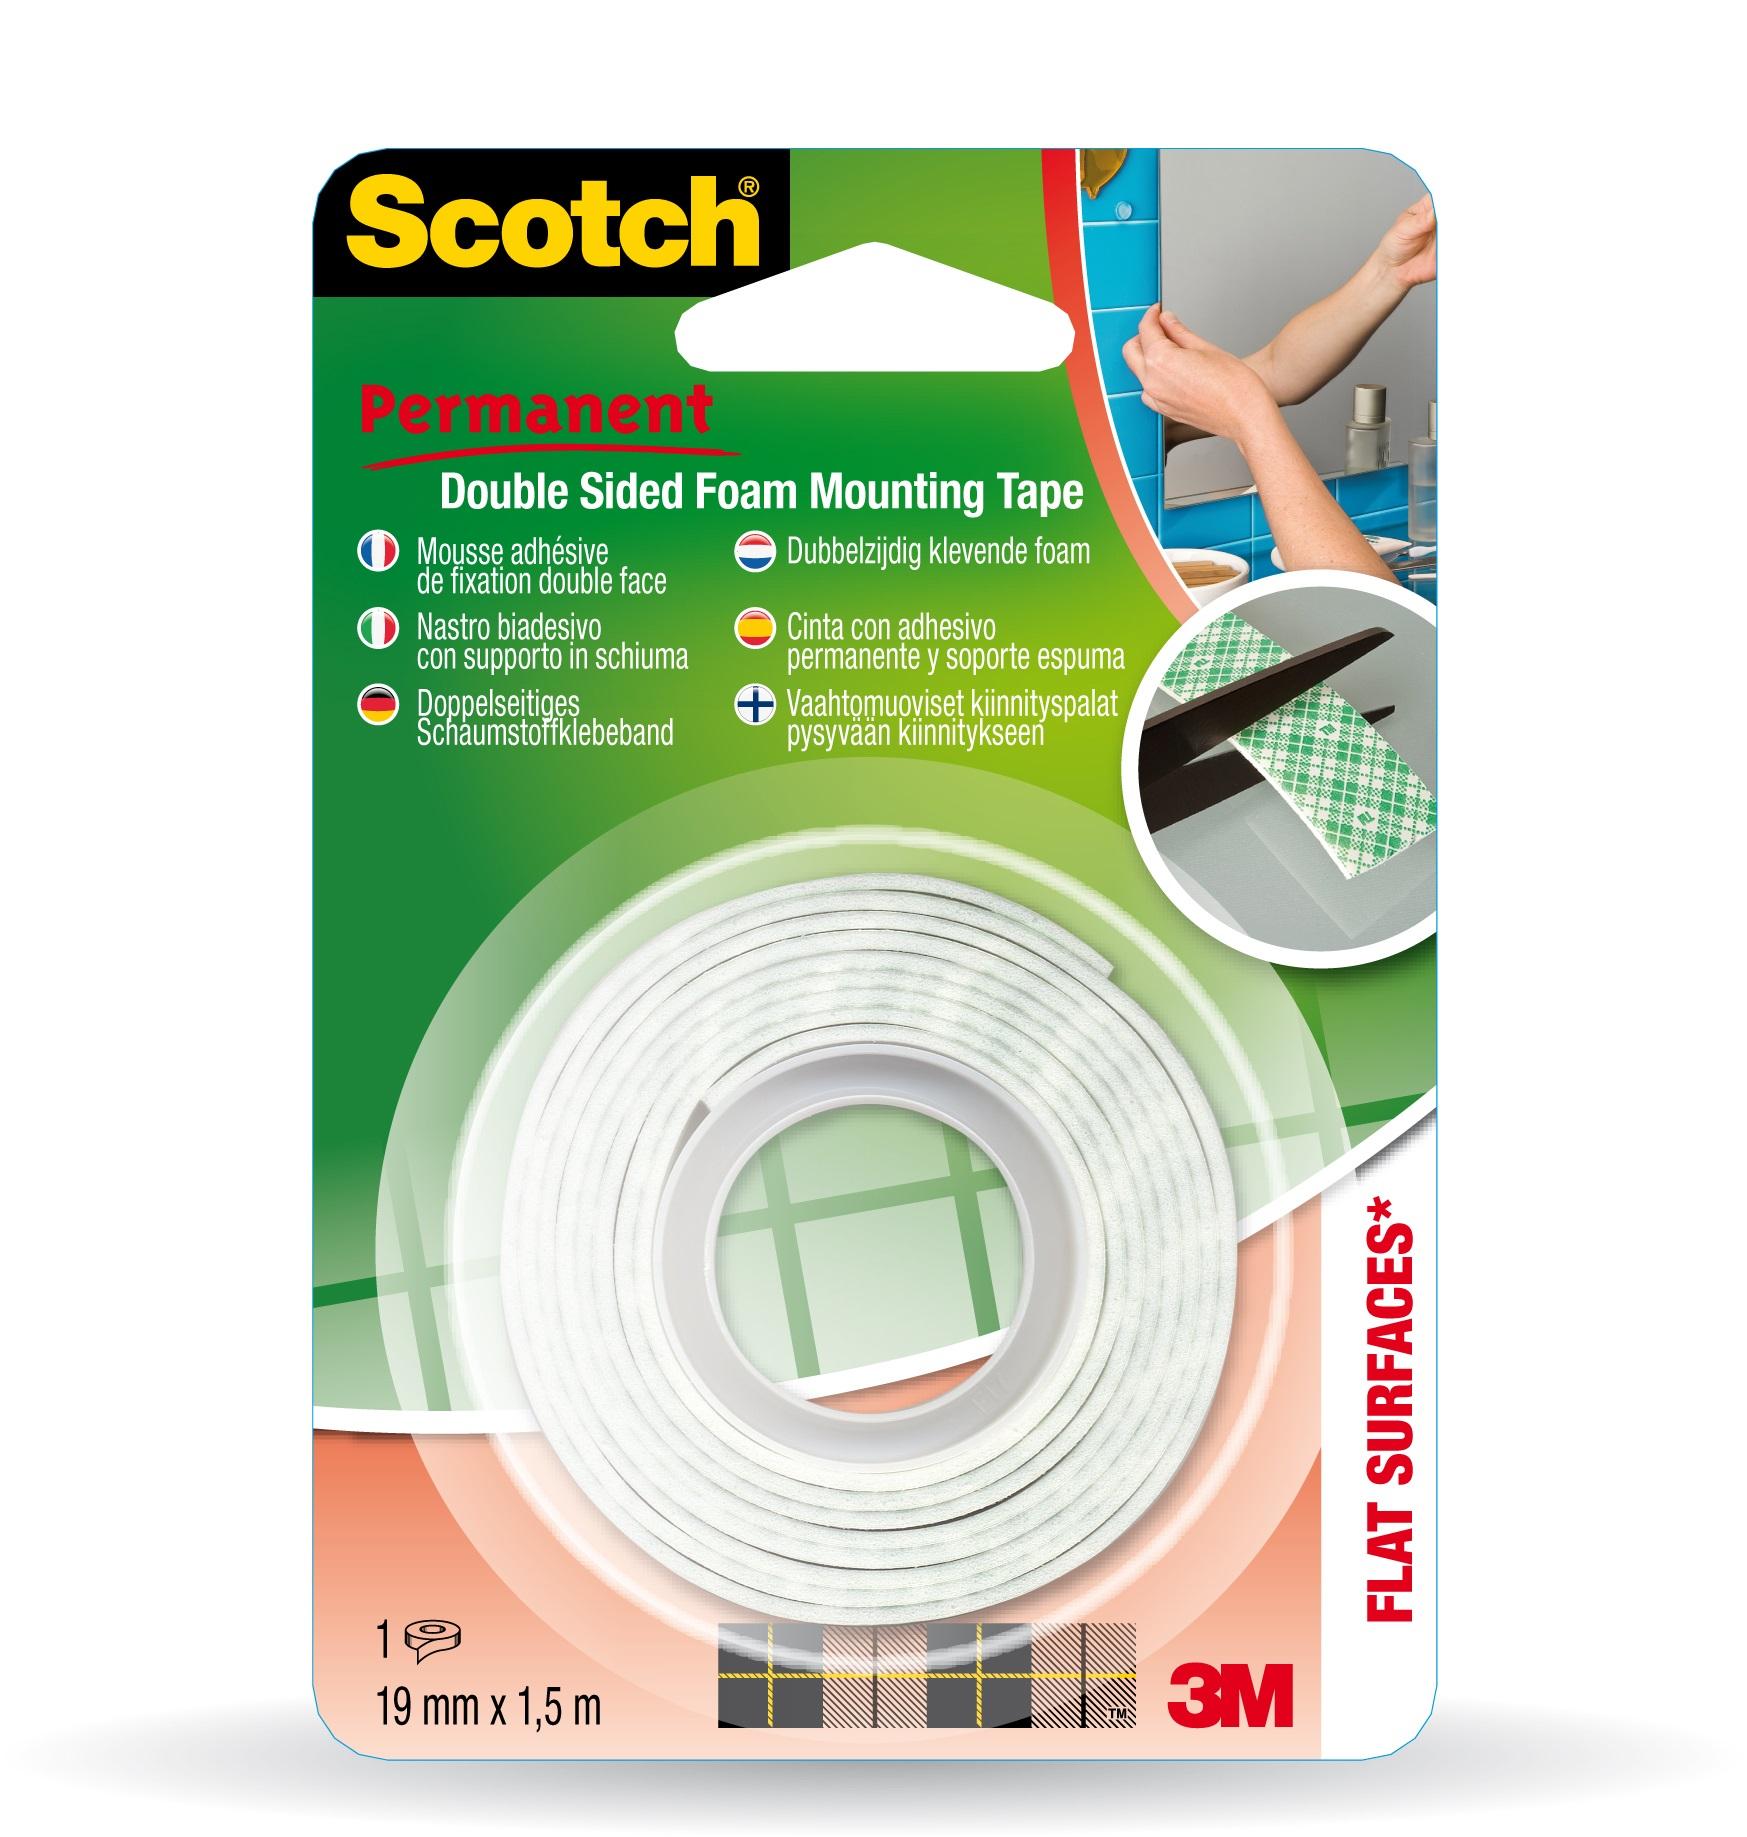 Scotch - Ruban de fixation - Mousse adhésive - 19 mm x 1,5 m